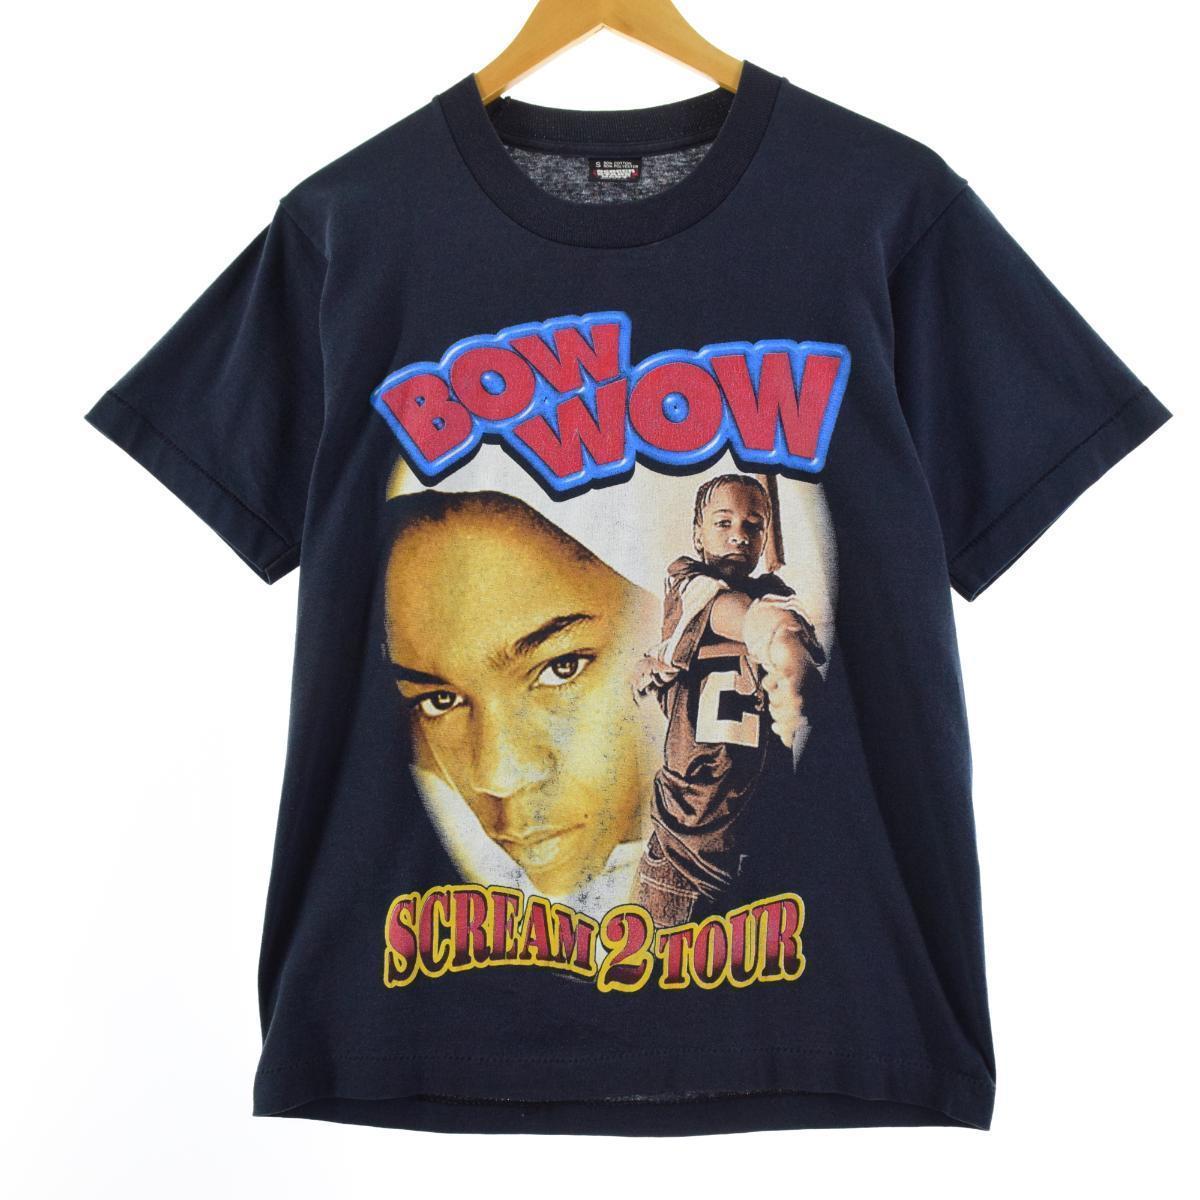 90年代 スクリーンスターズ SUREEN STARS 新品 送料無料 BOWWOW バウワウ SCREAM 2 TOUR 中古 210611 メンズS eaa166604 USA製 2020秋冬新作 ヴィンテージ バンドTシャツ